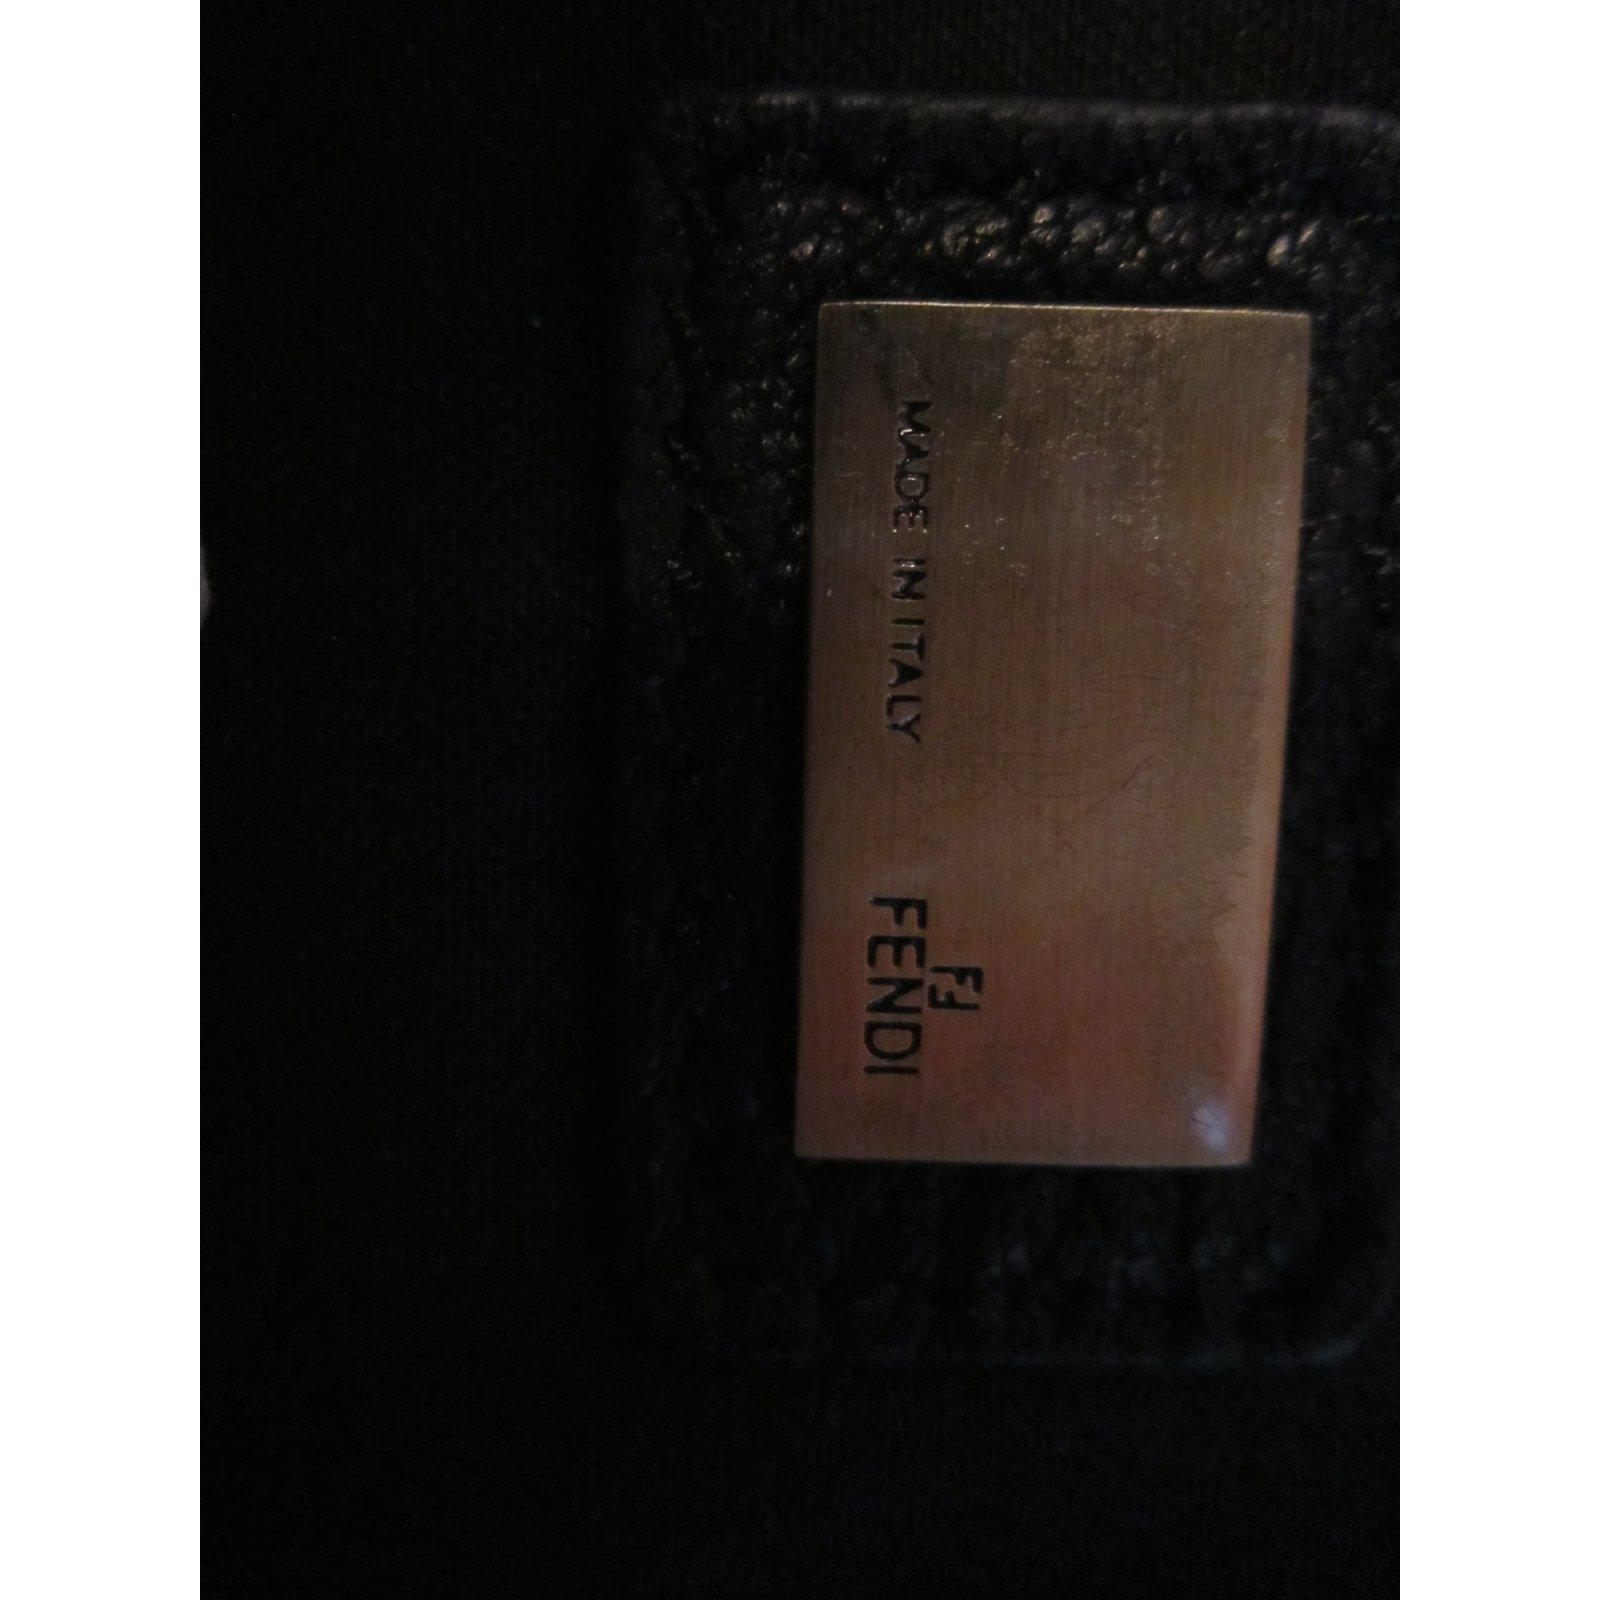 bf9be18c4b Fendi Handbag Handbags Leather Black ref.24672 - Joli Closet